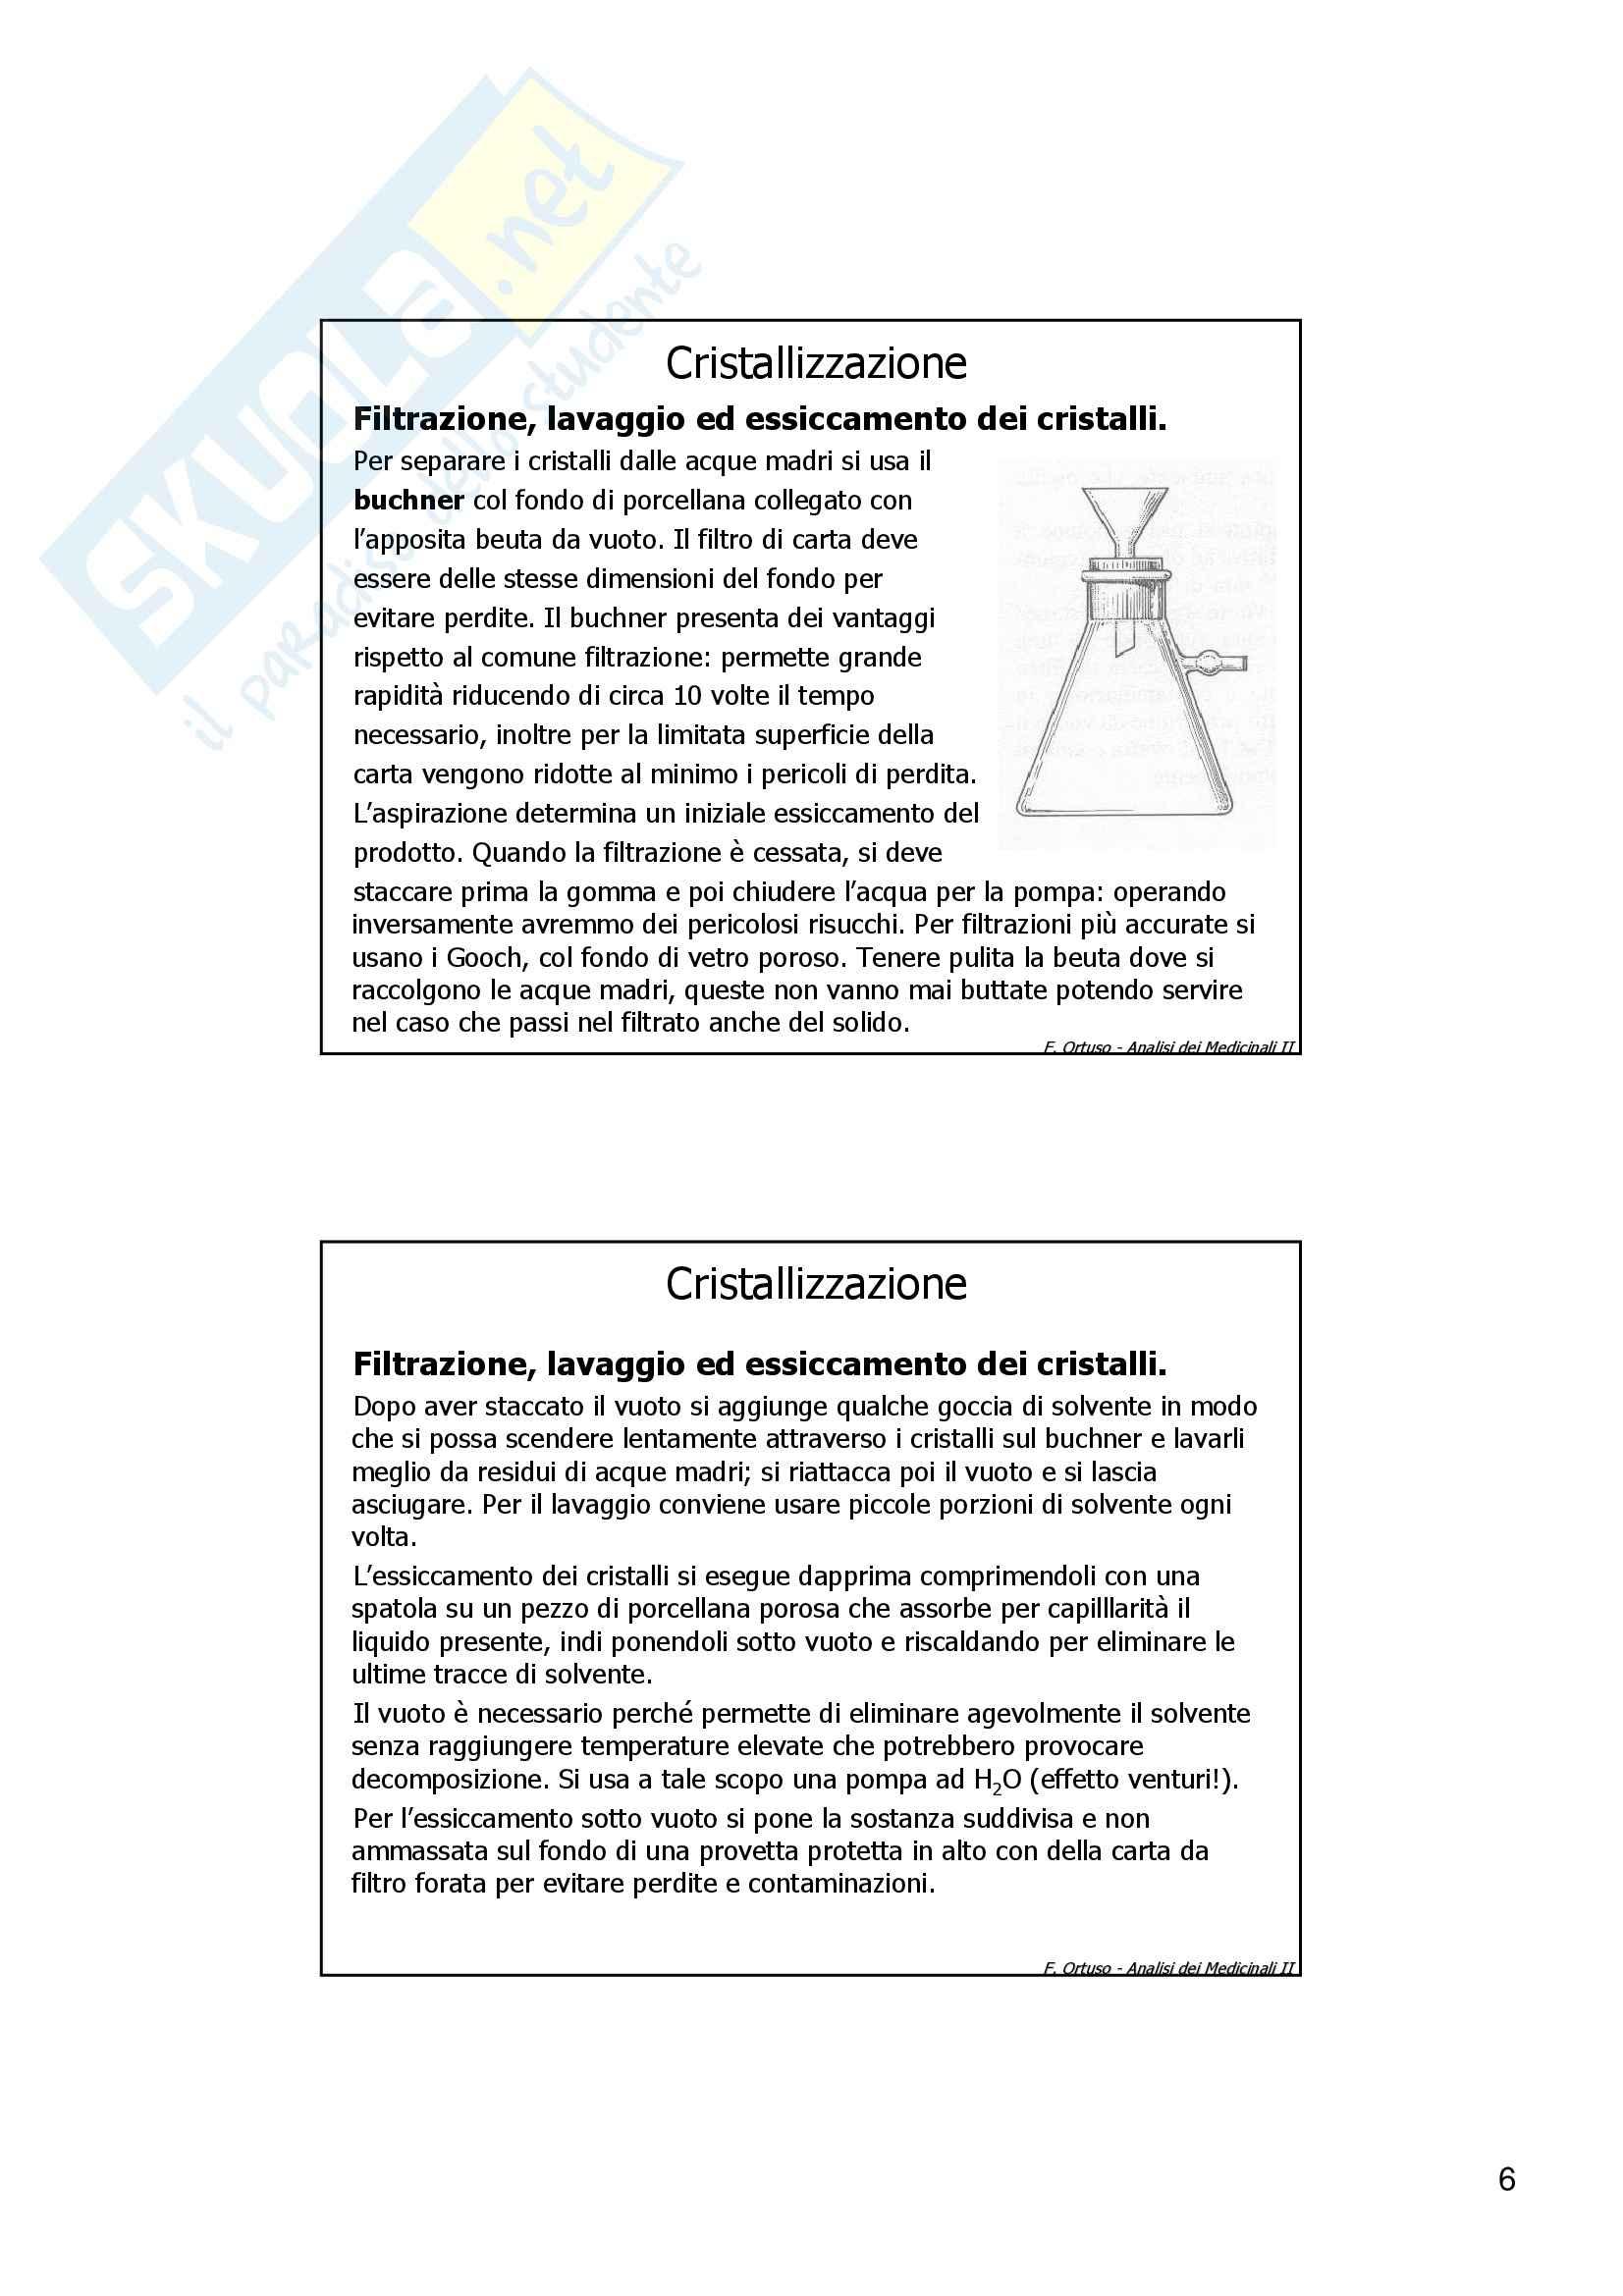 Laboratorio di preparazioni estrattive e sintesi dei farmaci - cristallizzazione Pag. 6